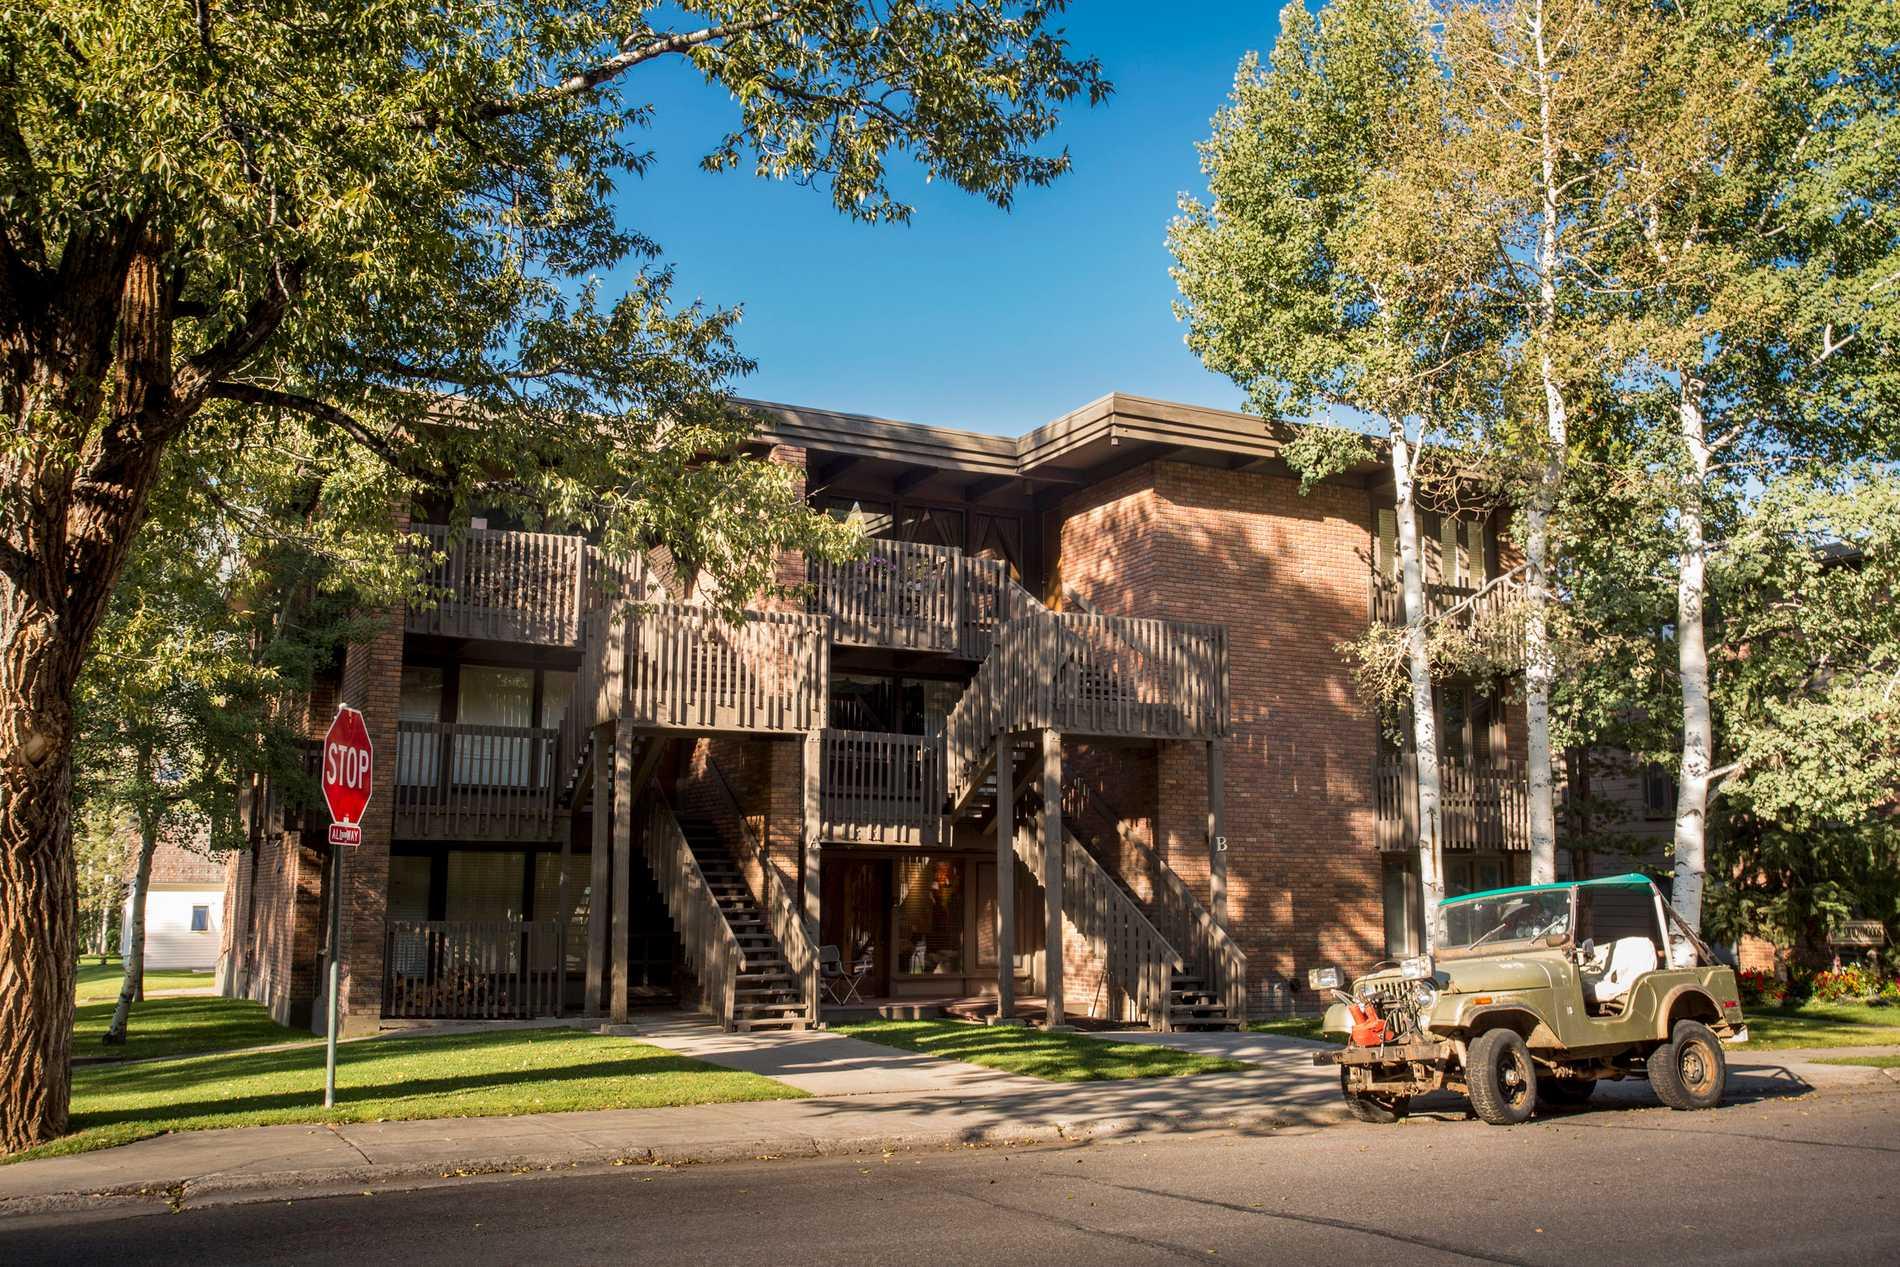 124 W. Hyman Avenue Unit 1B Aspen Photo 1